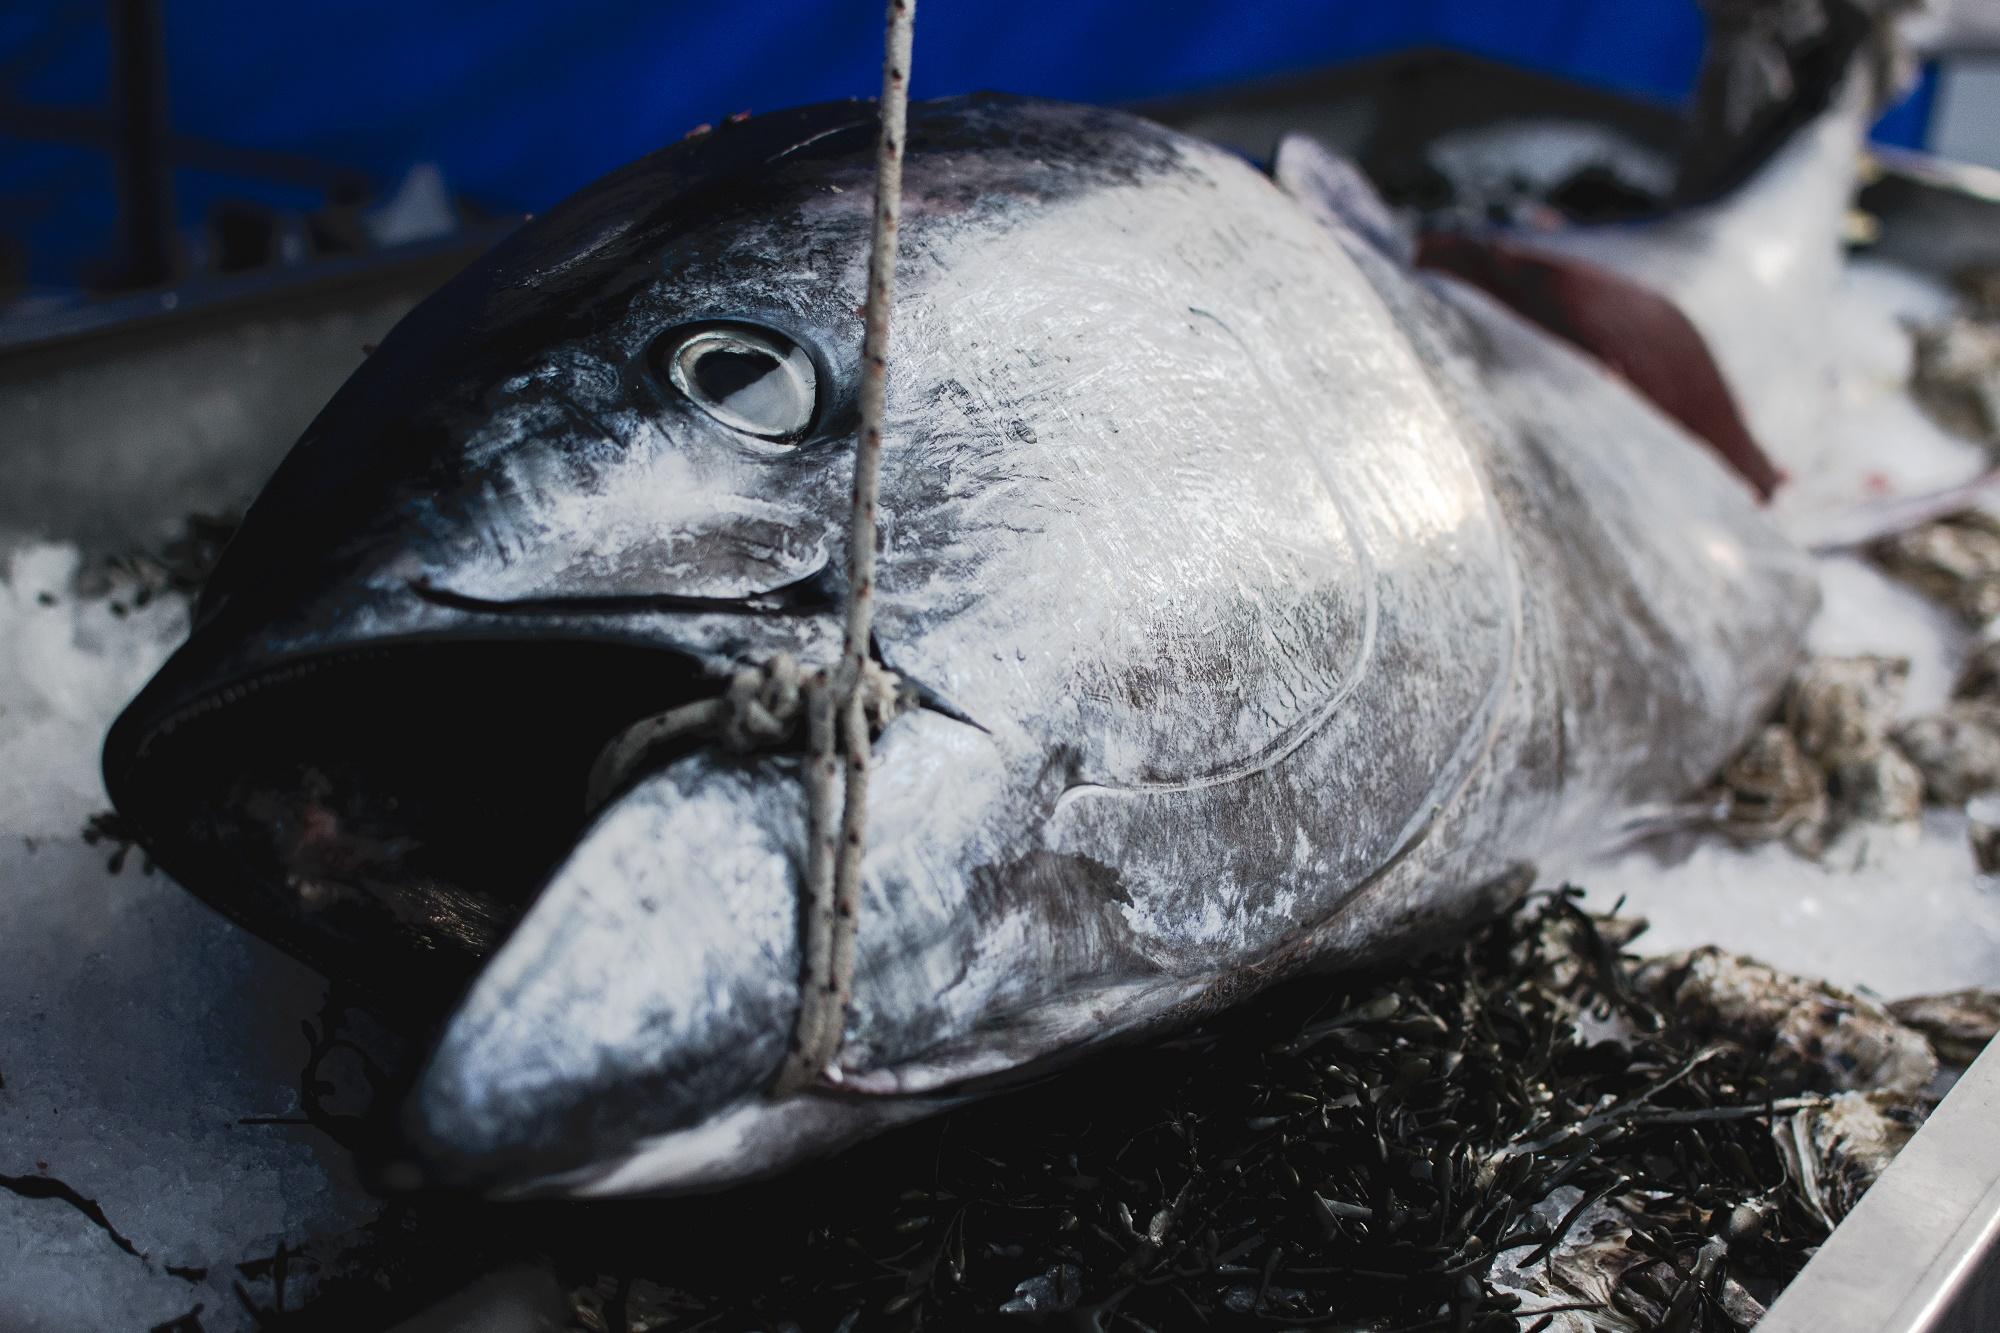 Consumir pescado en mal estado, podría causarle problemas de salud